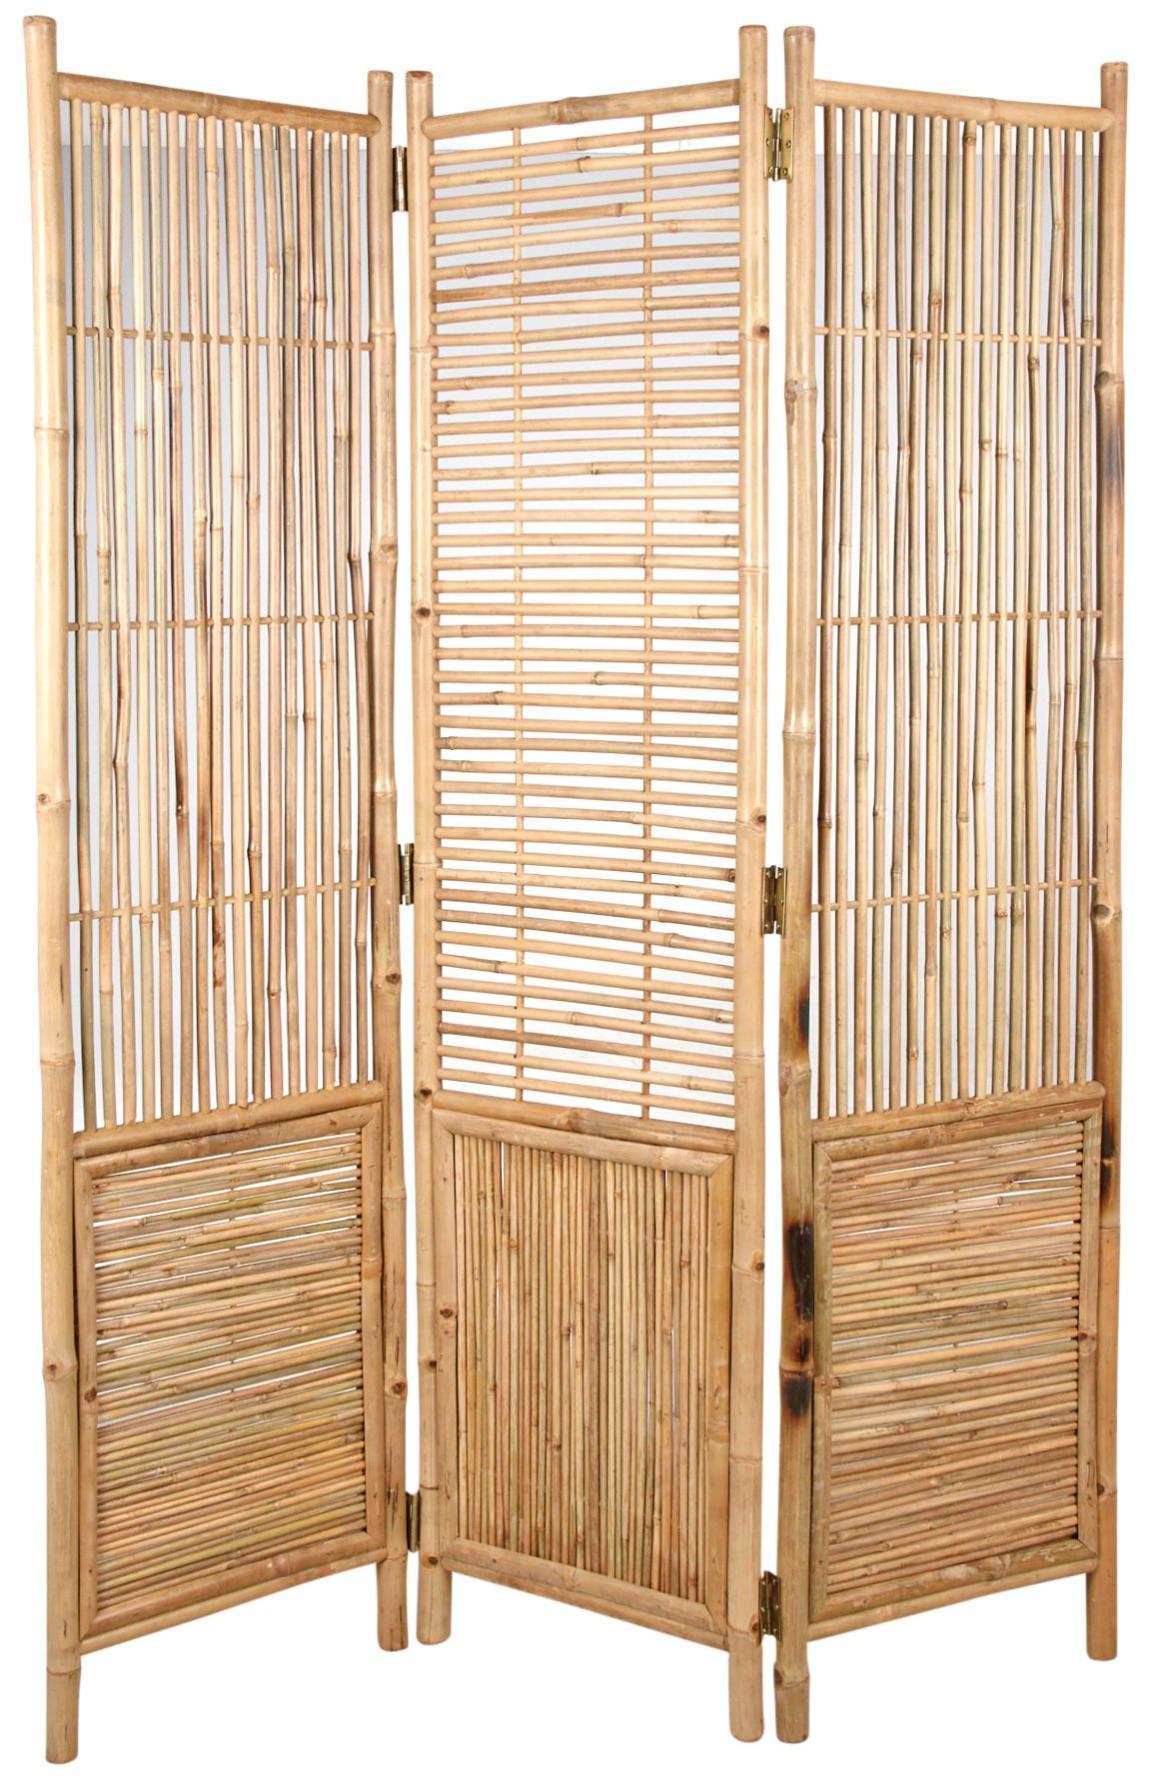 Paravent En Bambou 3 Panneaux Aubry Gaspard concernant Paravent Leroy Merlin